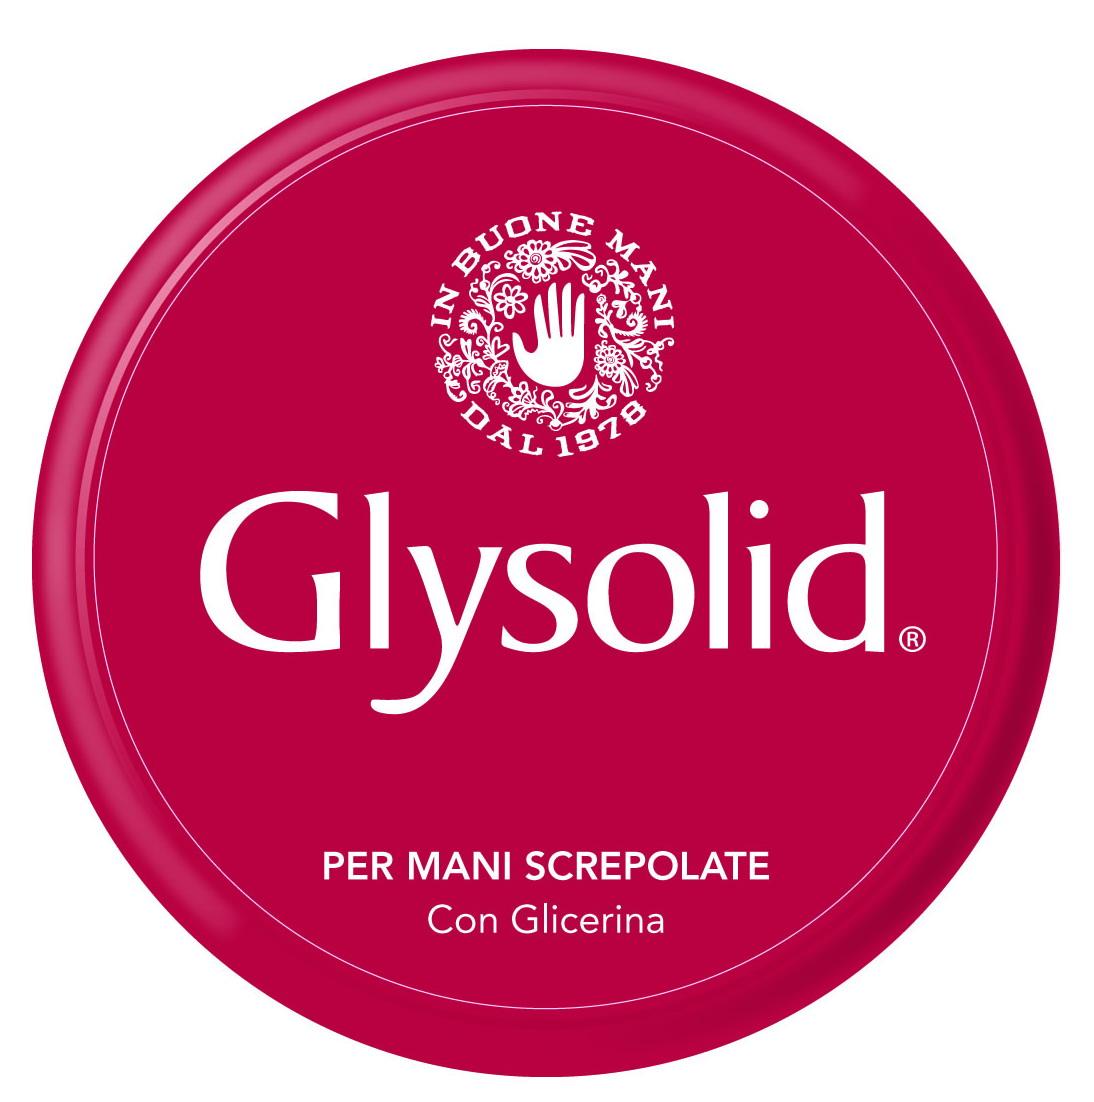 Image of Glysolid Crema Per Le Mani Screpolate Alla Glicerina Barattolo 200 Ml 9999932130149